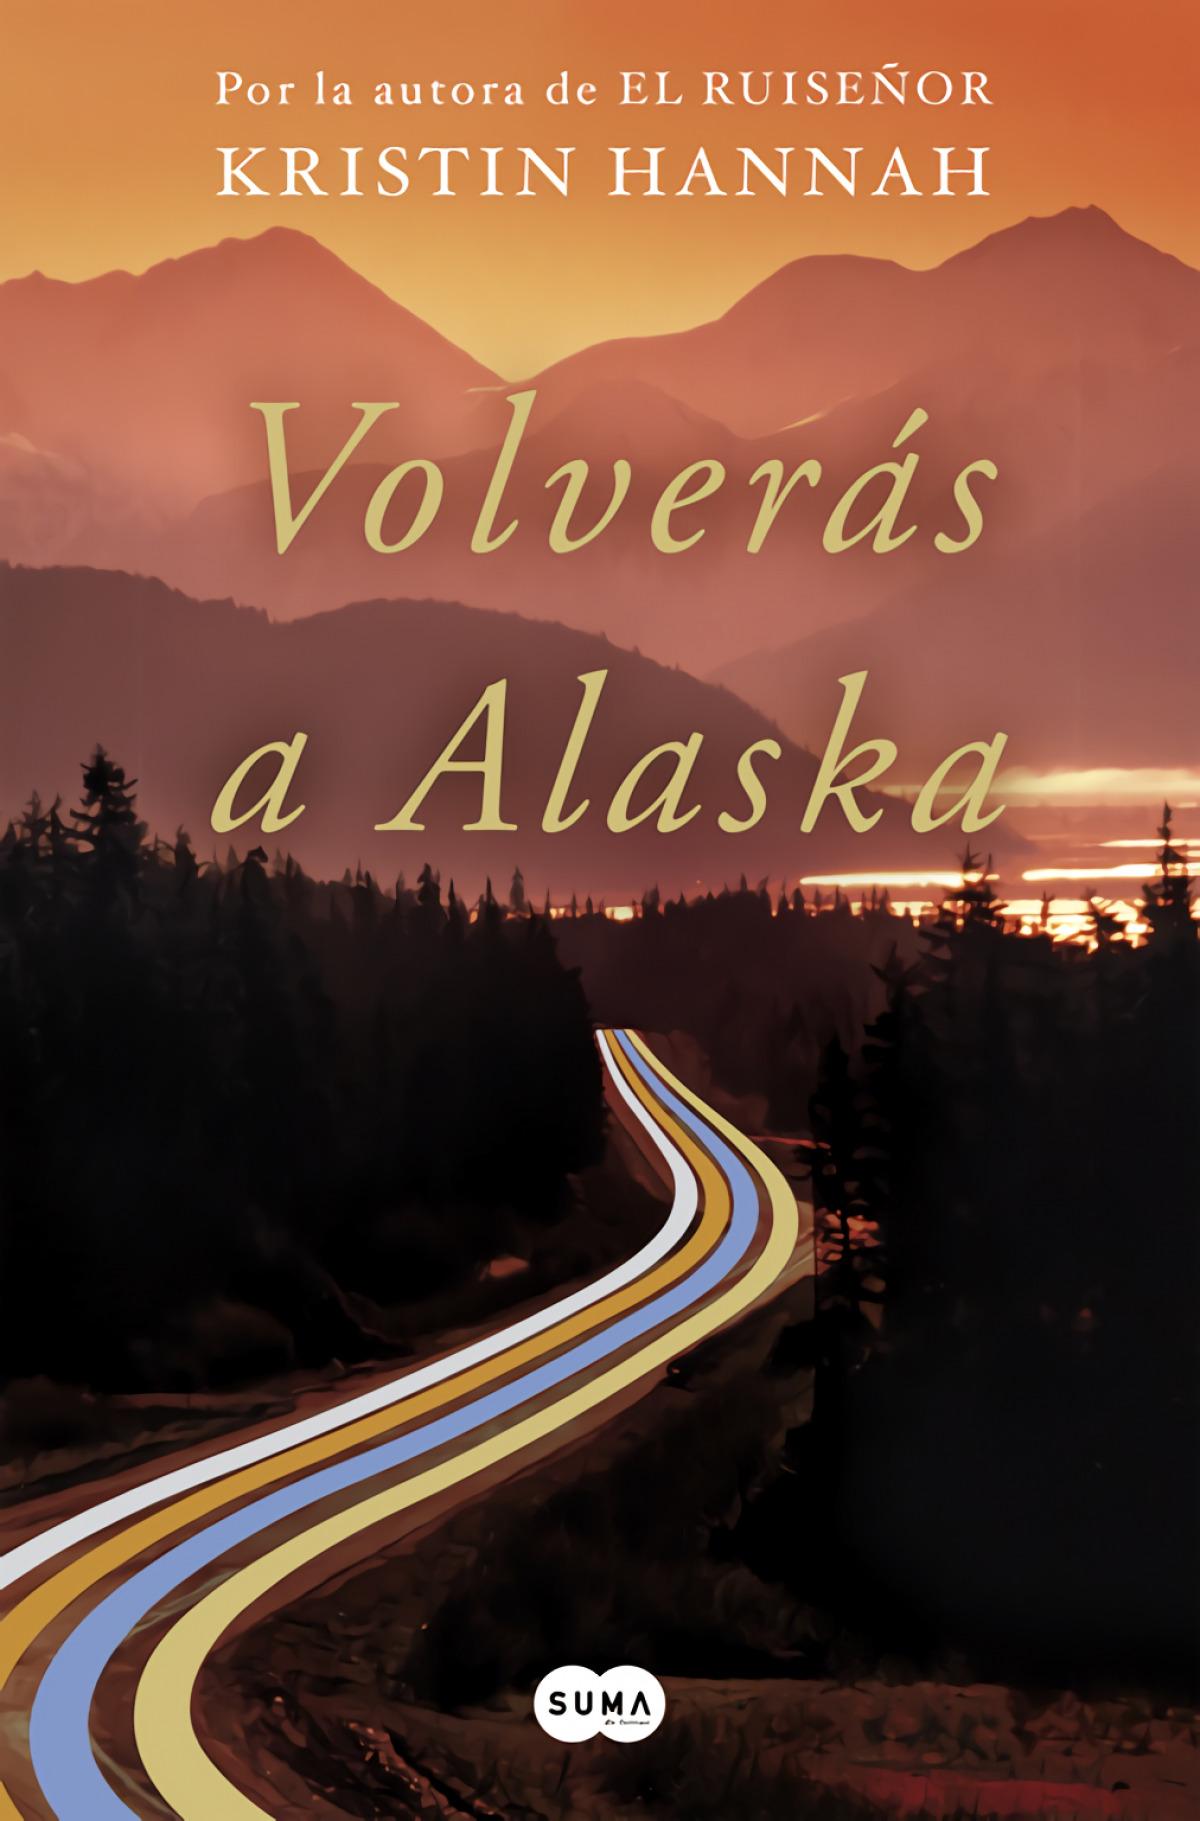 Volverás a Alaska 9788491292371